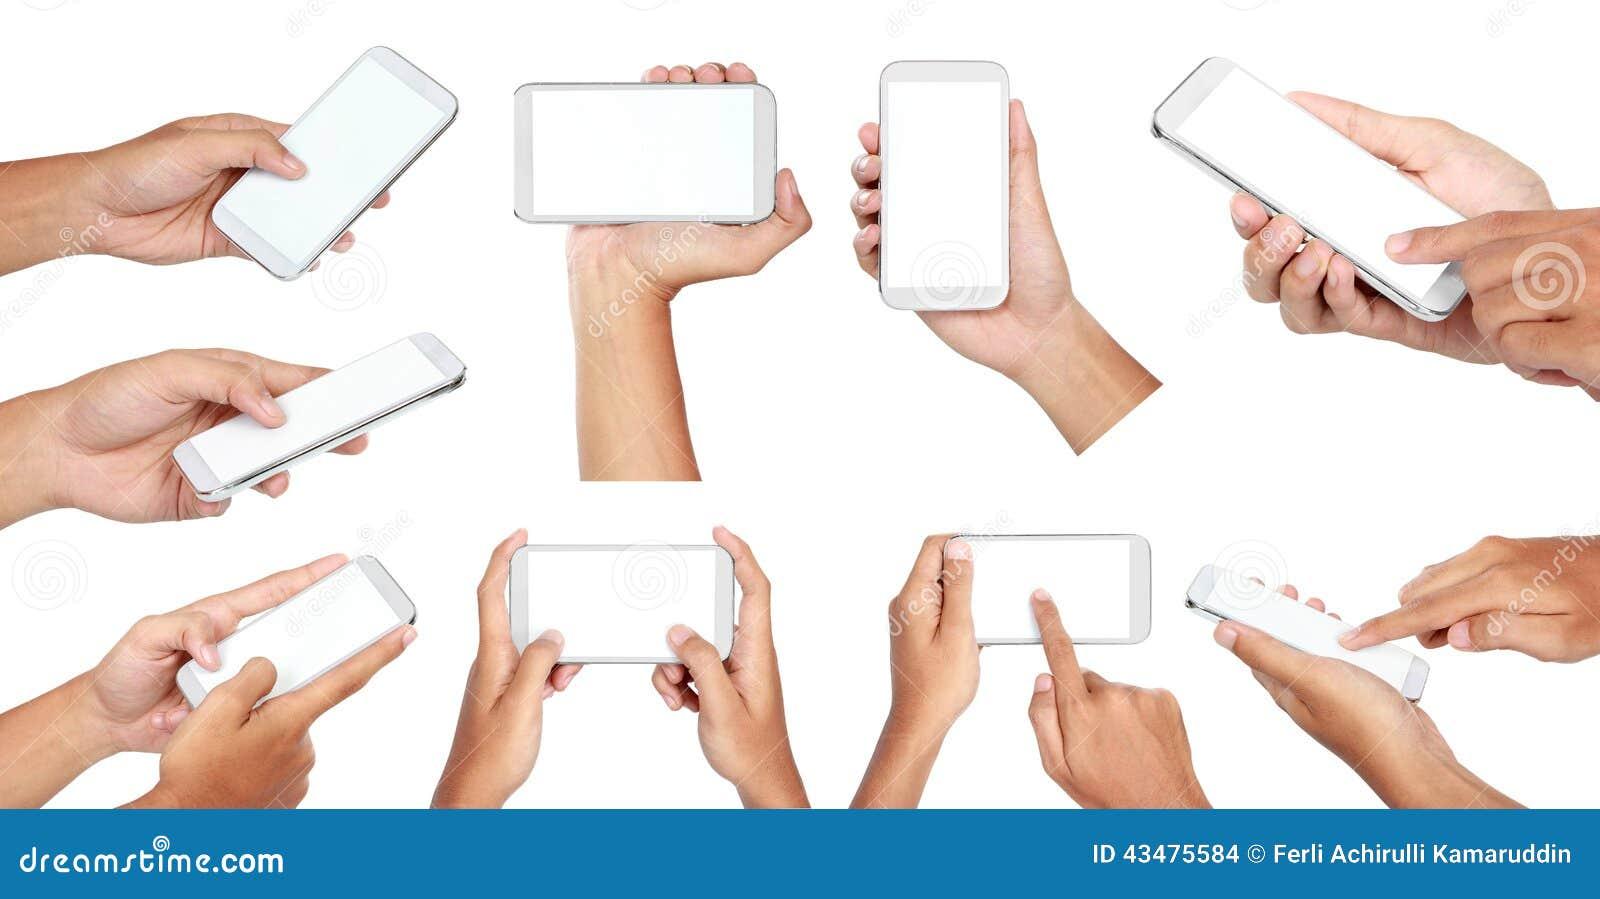 Satz der Hand intelligentes Mobiltelefon mit leerem Bildschirm halten